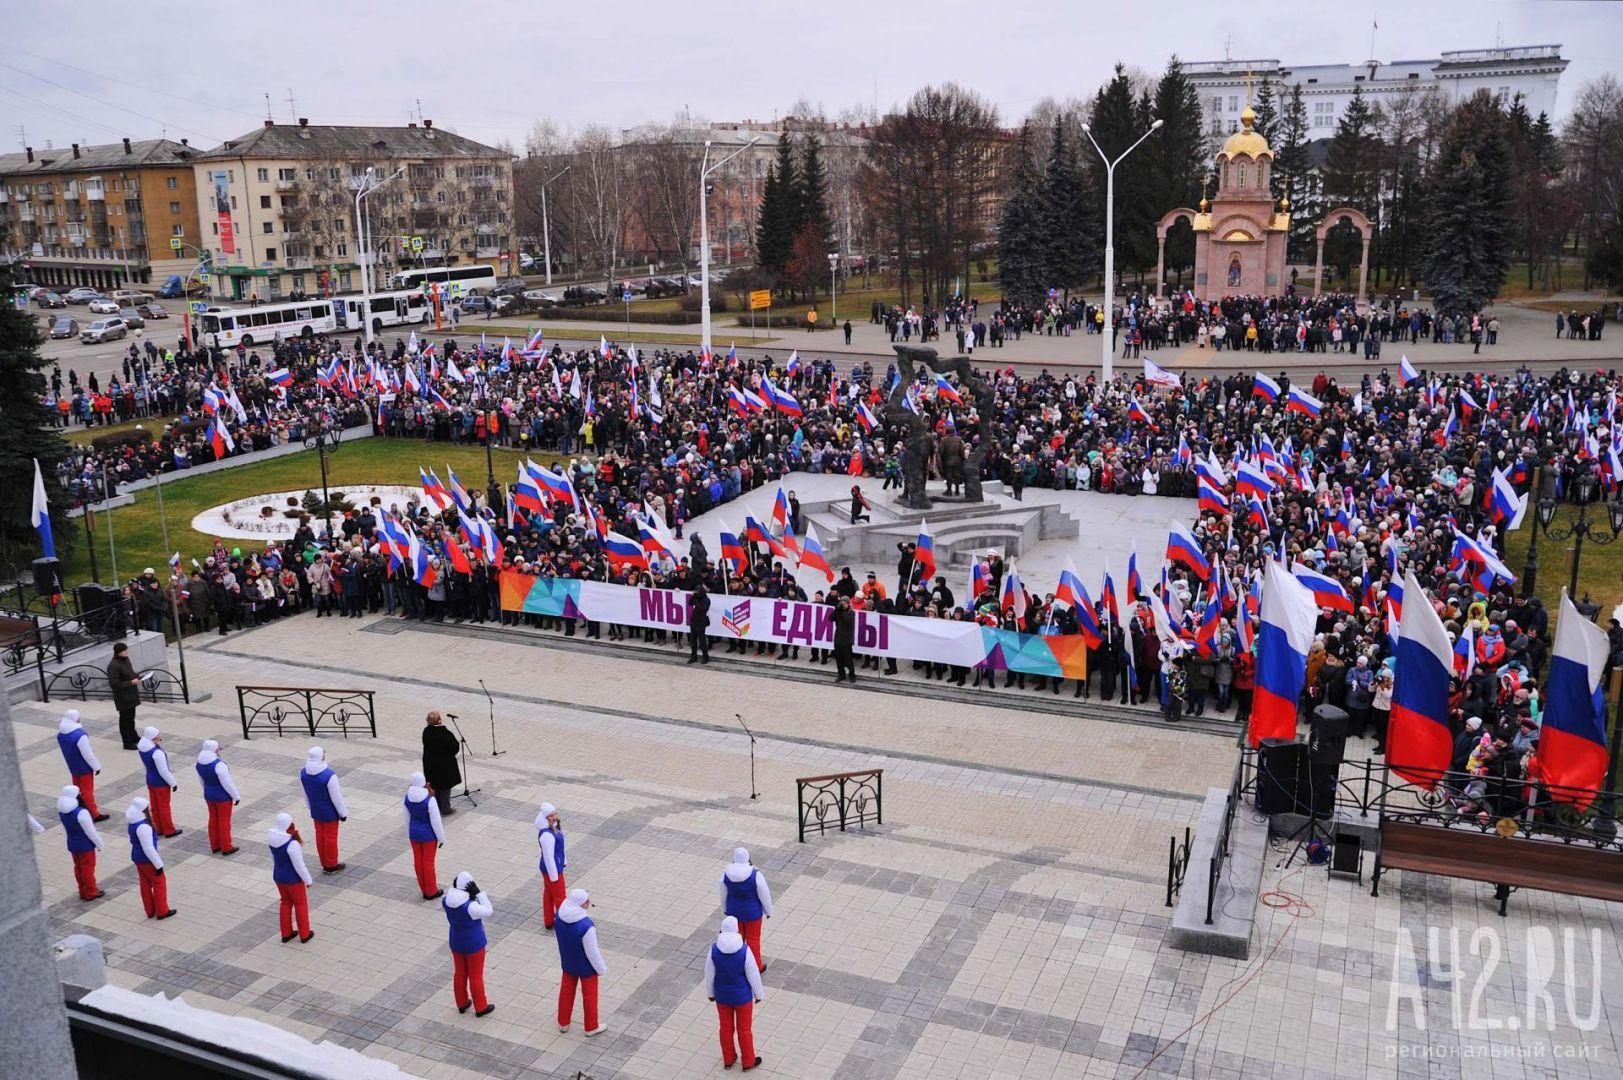 ВКузбассе проходят массовые мероприятия вчесть Дня народного единства